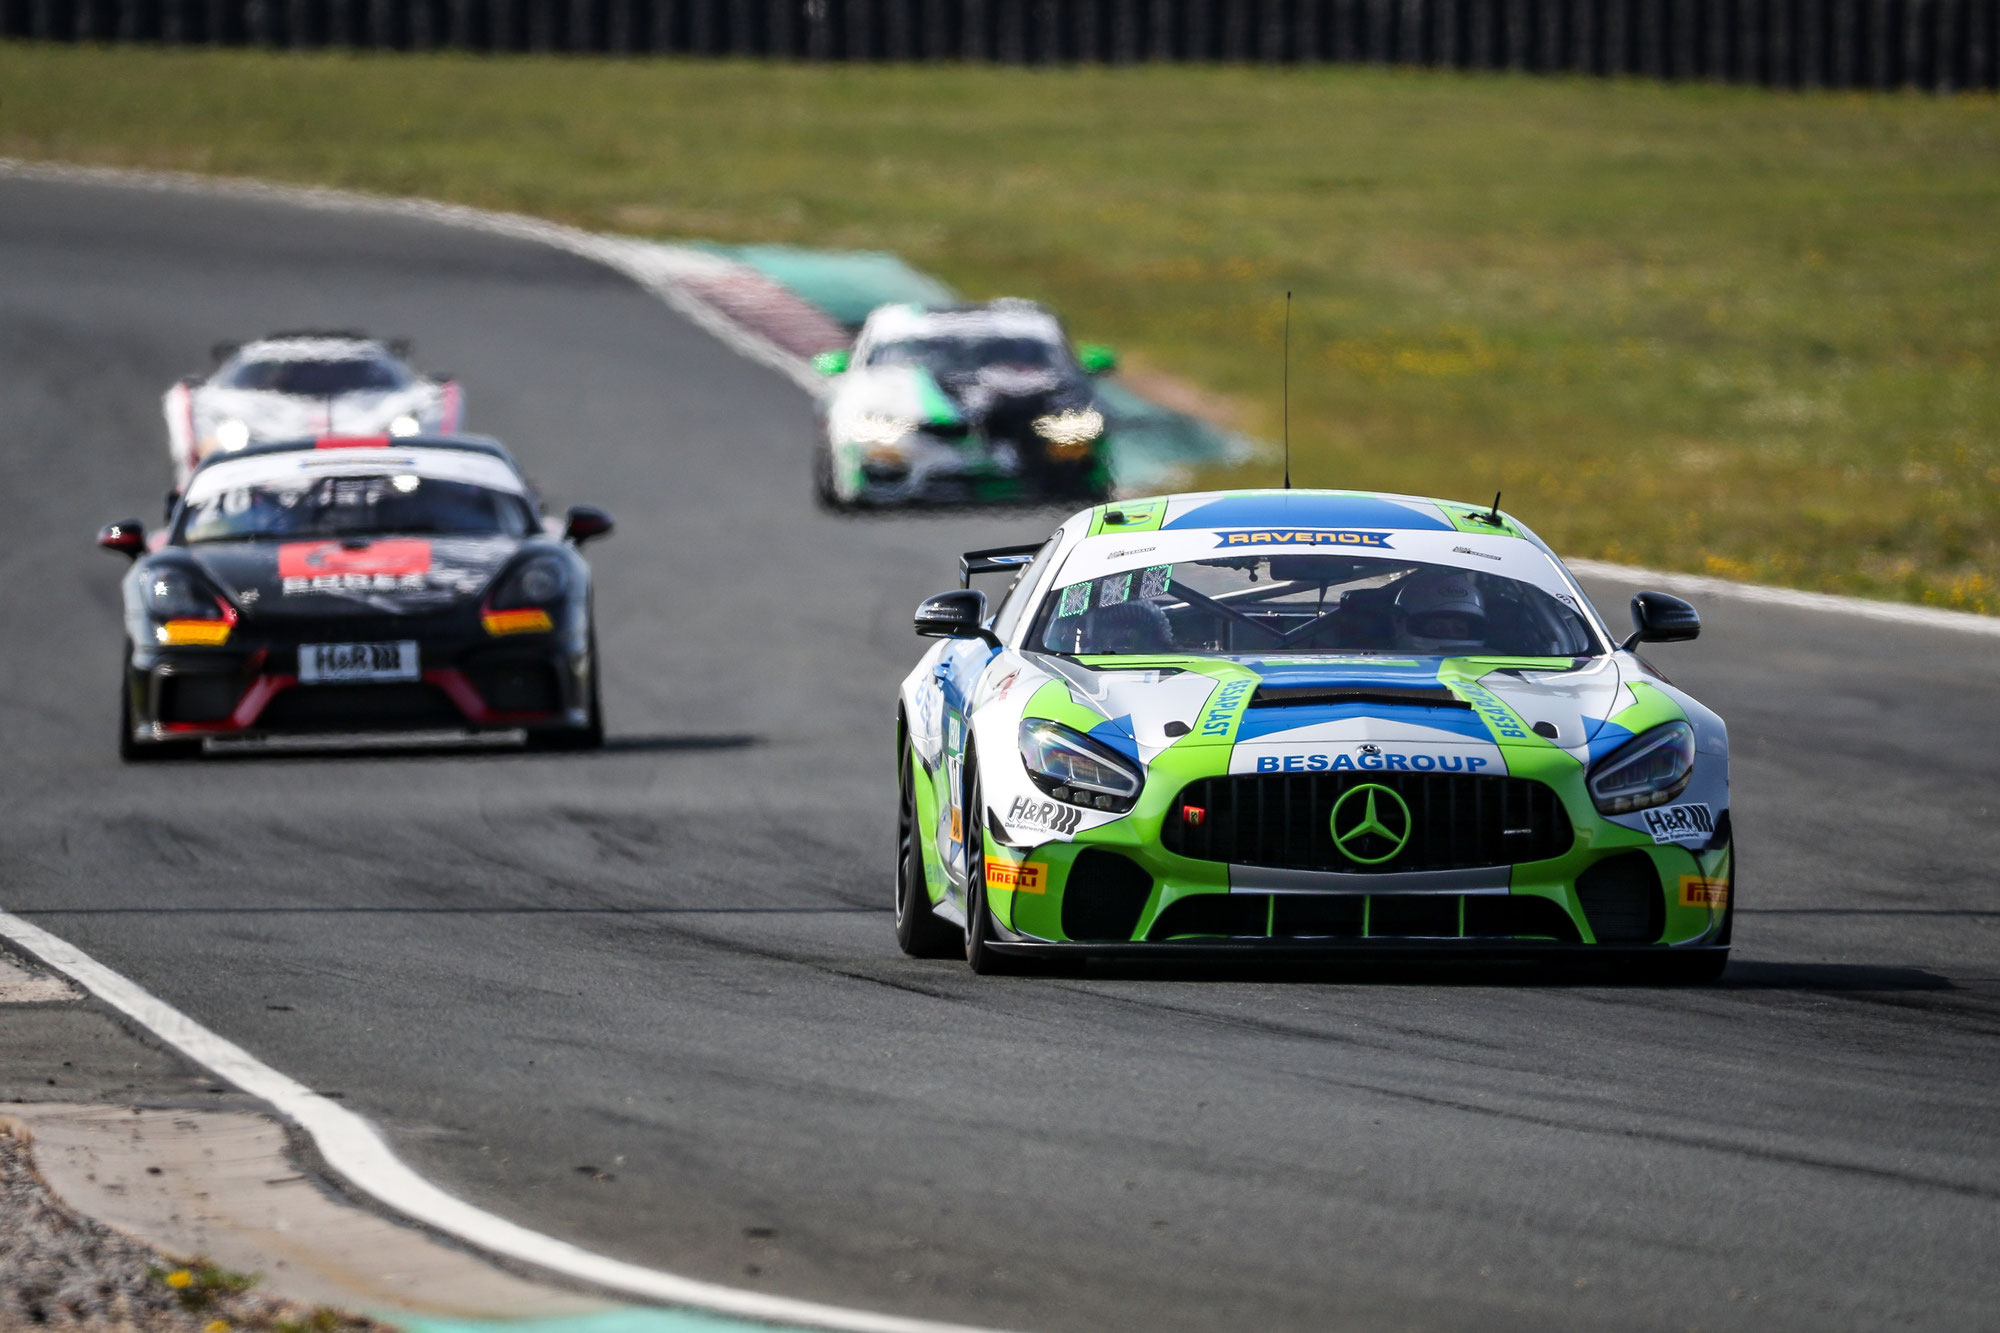 ADAC GT4 Germany mit Testfahrten in die Saison 2021 gestartet